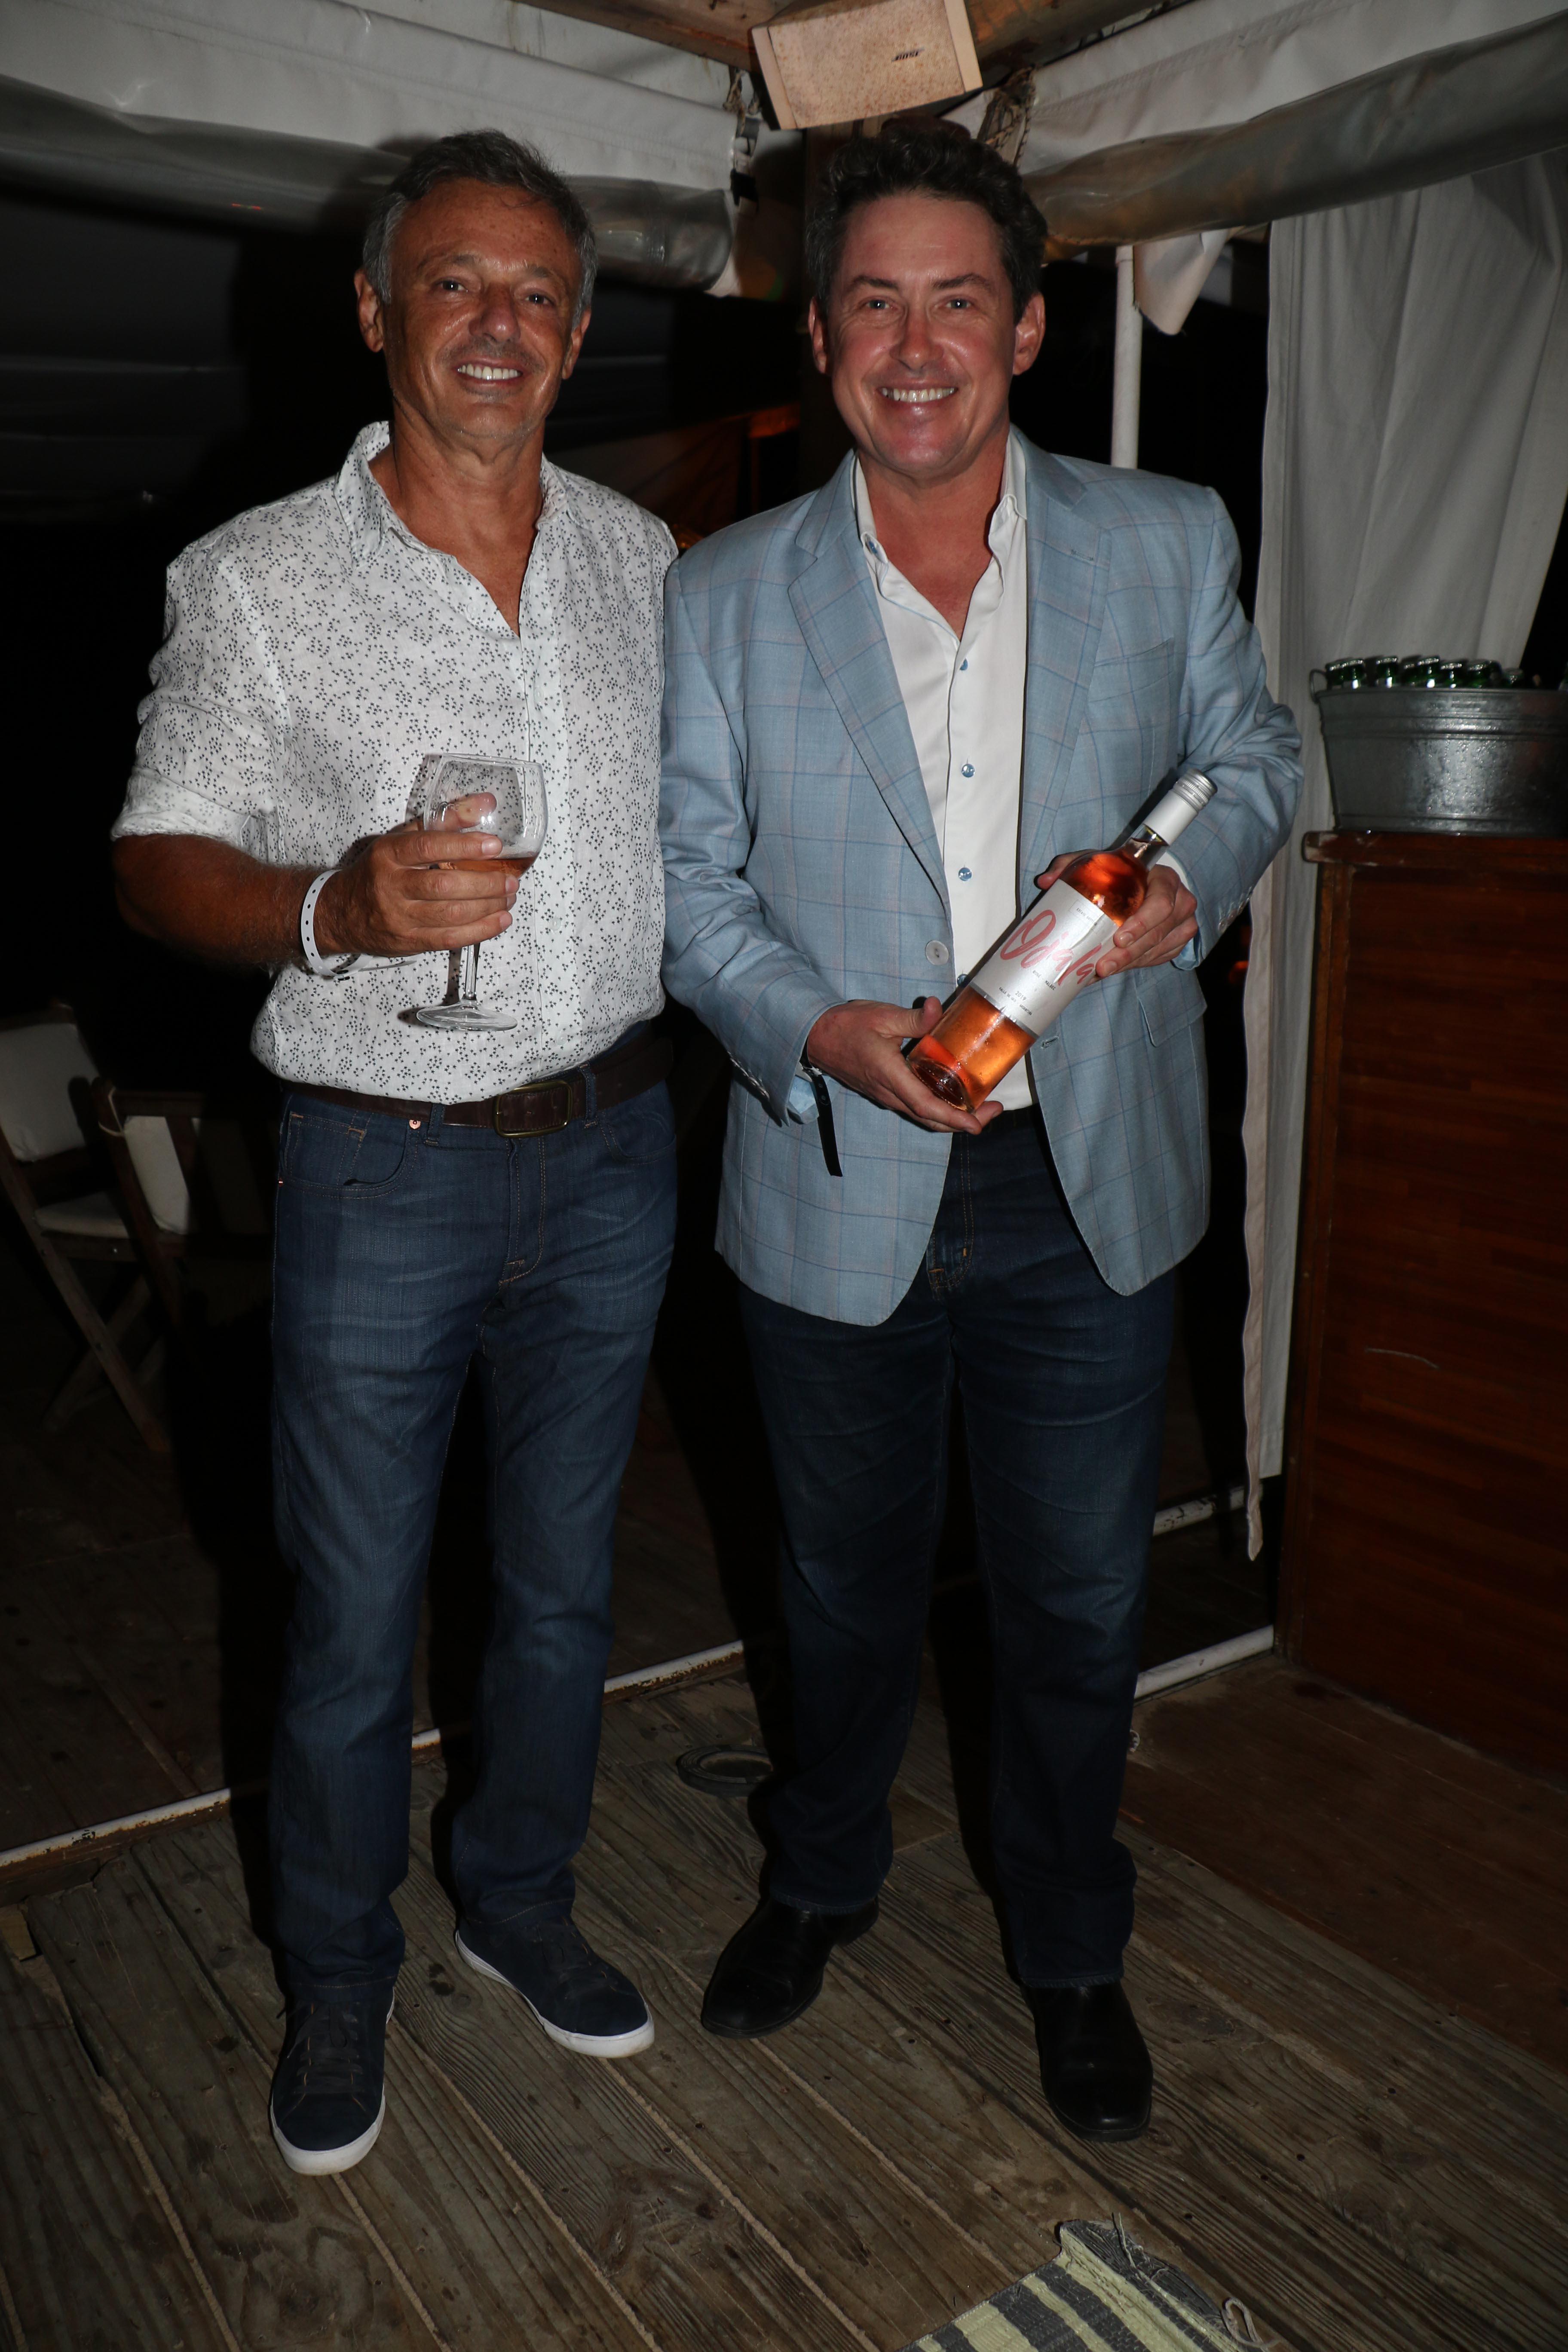 El look canchero de Noah Mamet en la presentación de su vino. En la foto, el ex embajador de los Estados Unidos en la Argentina posa junto a Francisco Cabrera